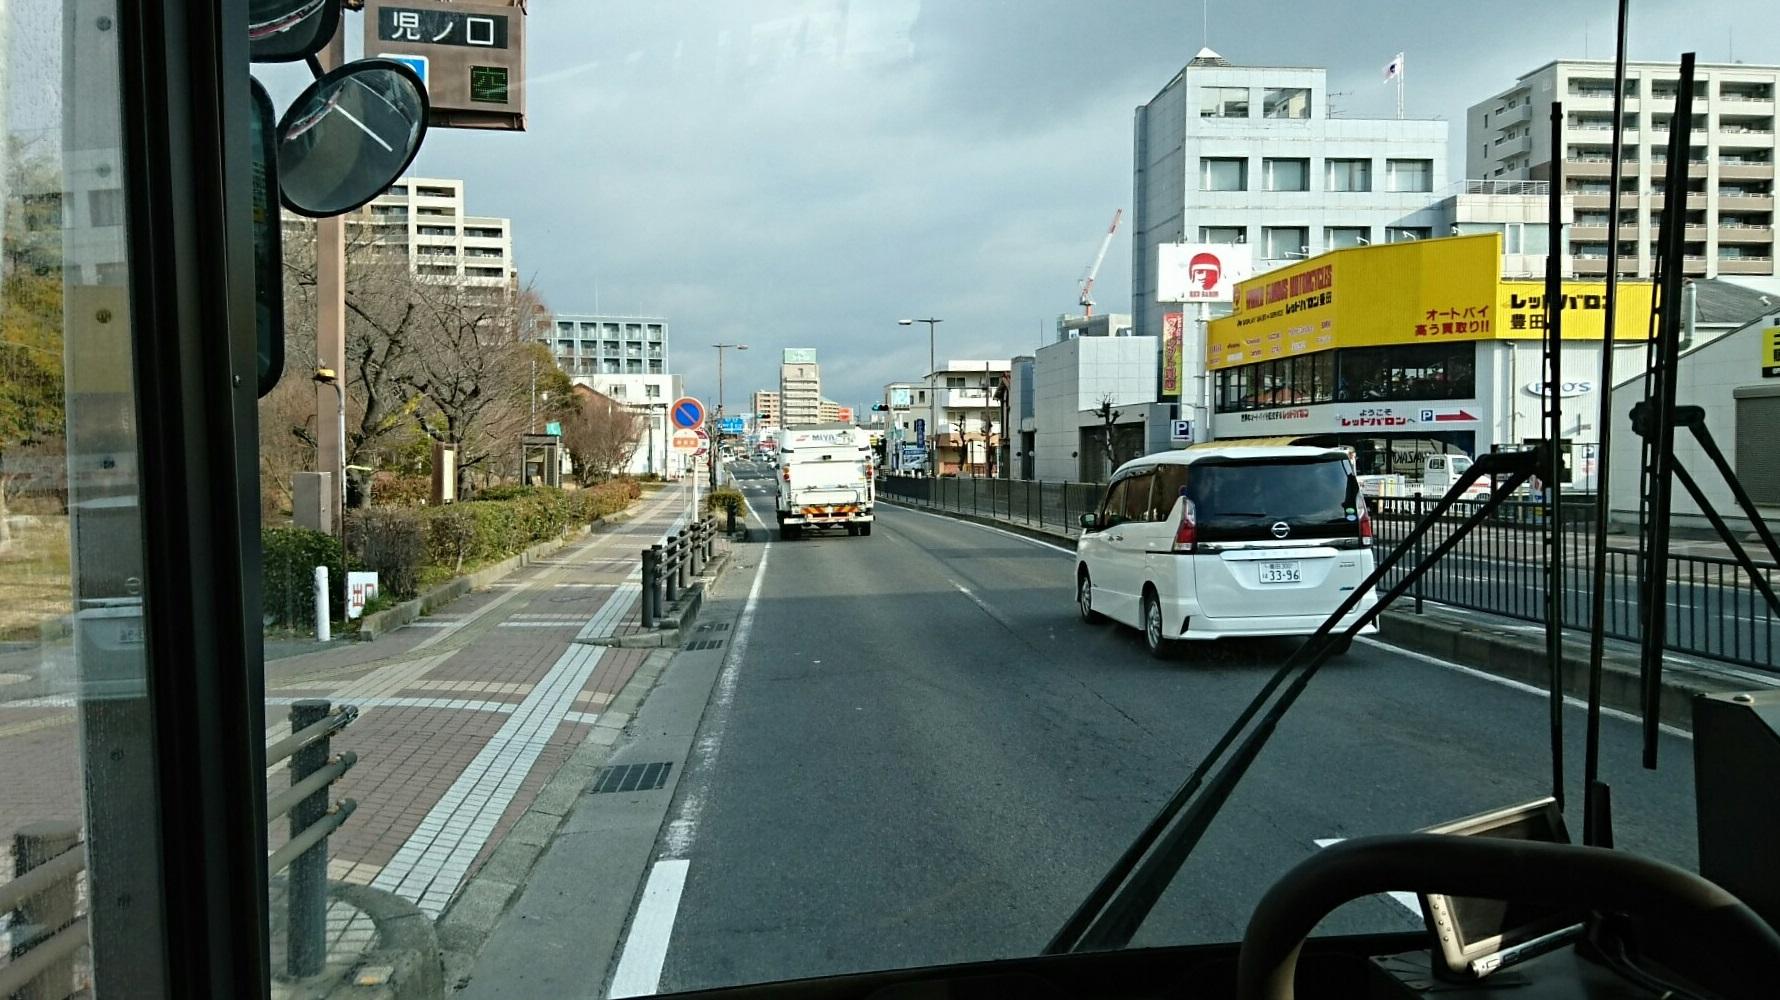 2018.2.5 東山住宅線 (13) 東豊田バス停 1780-1000